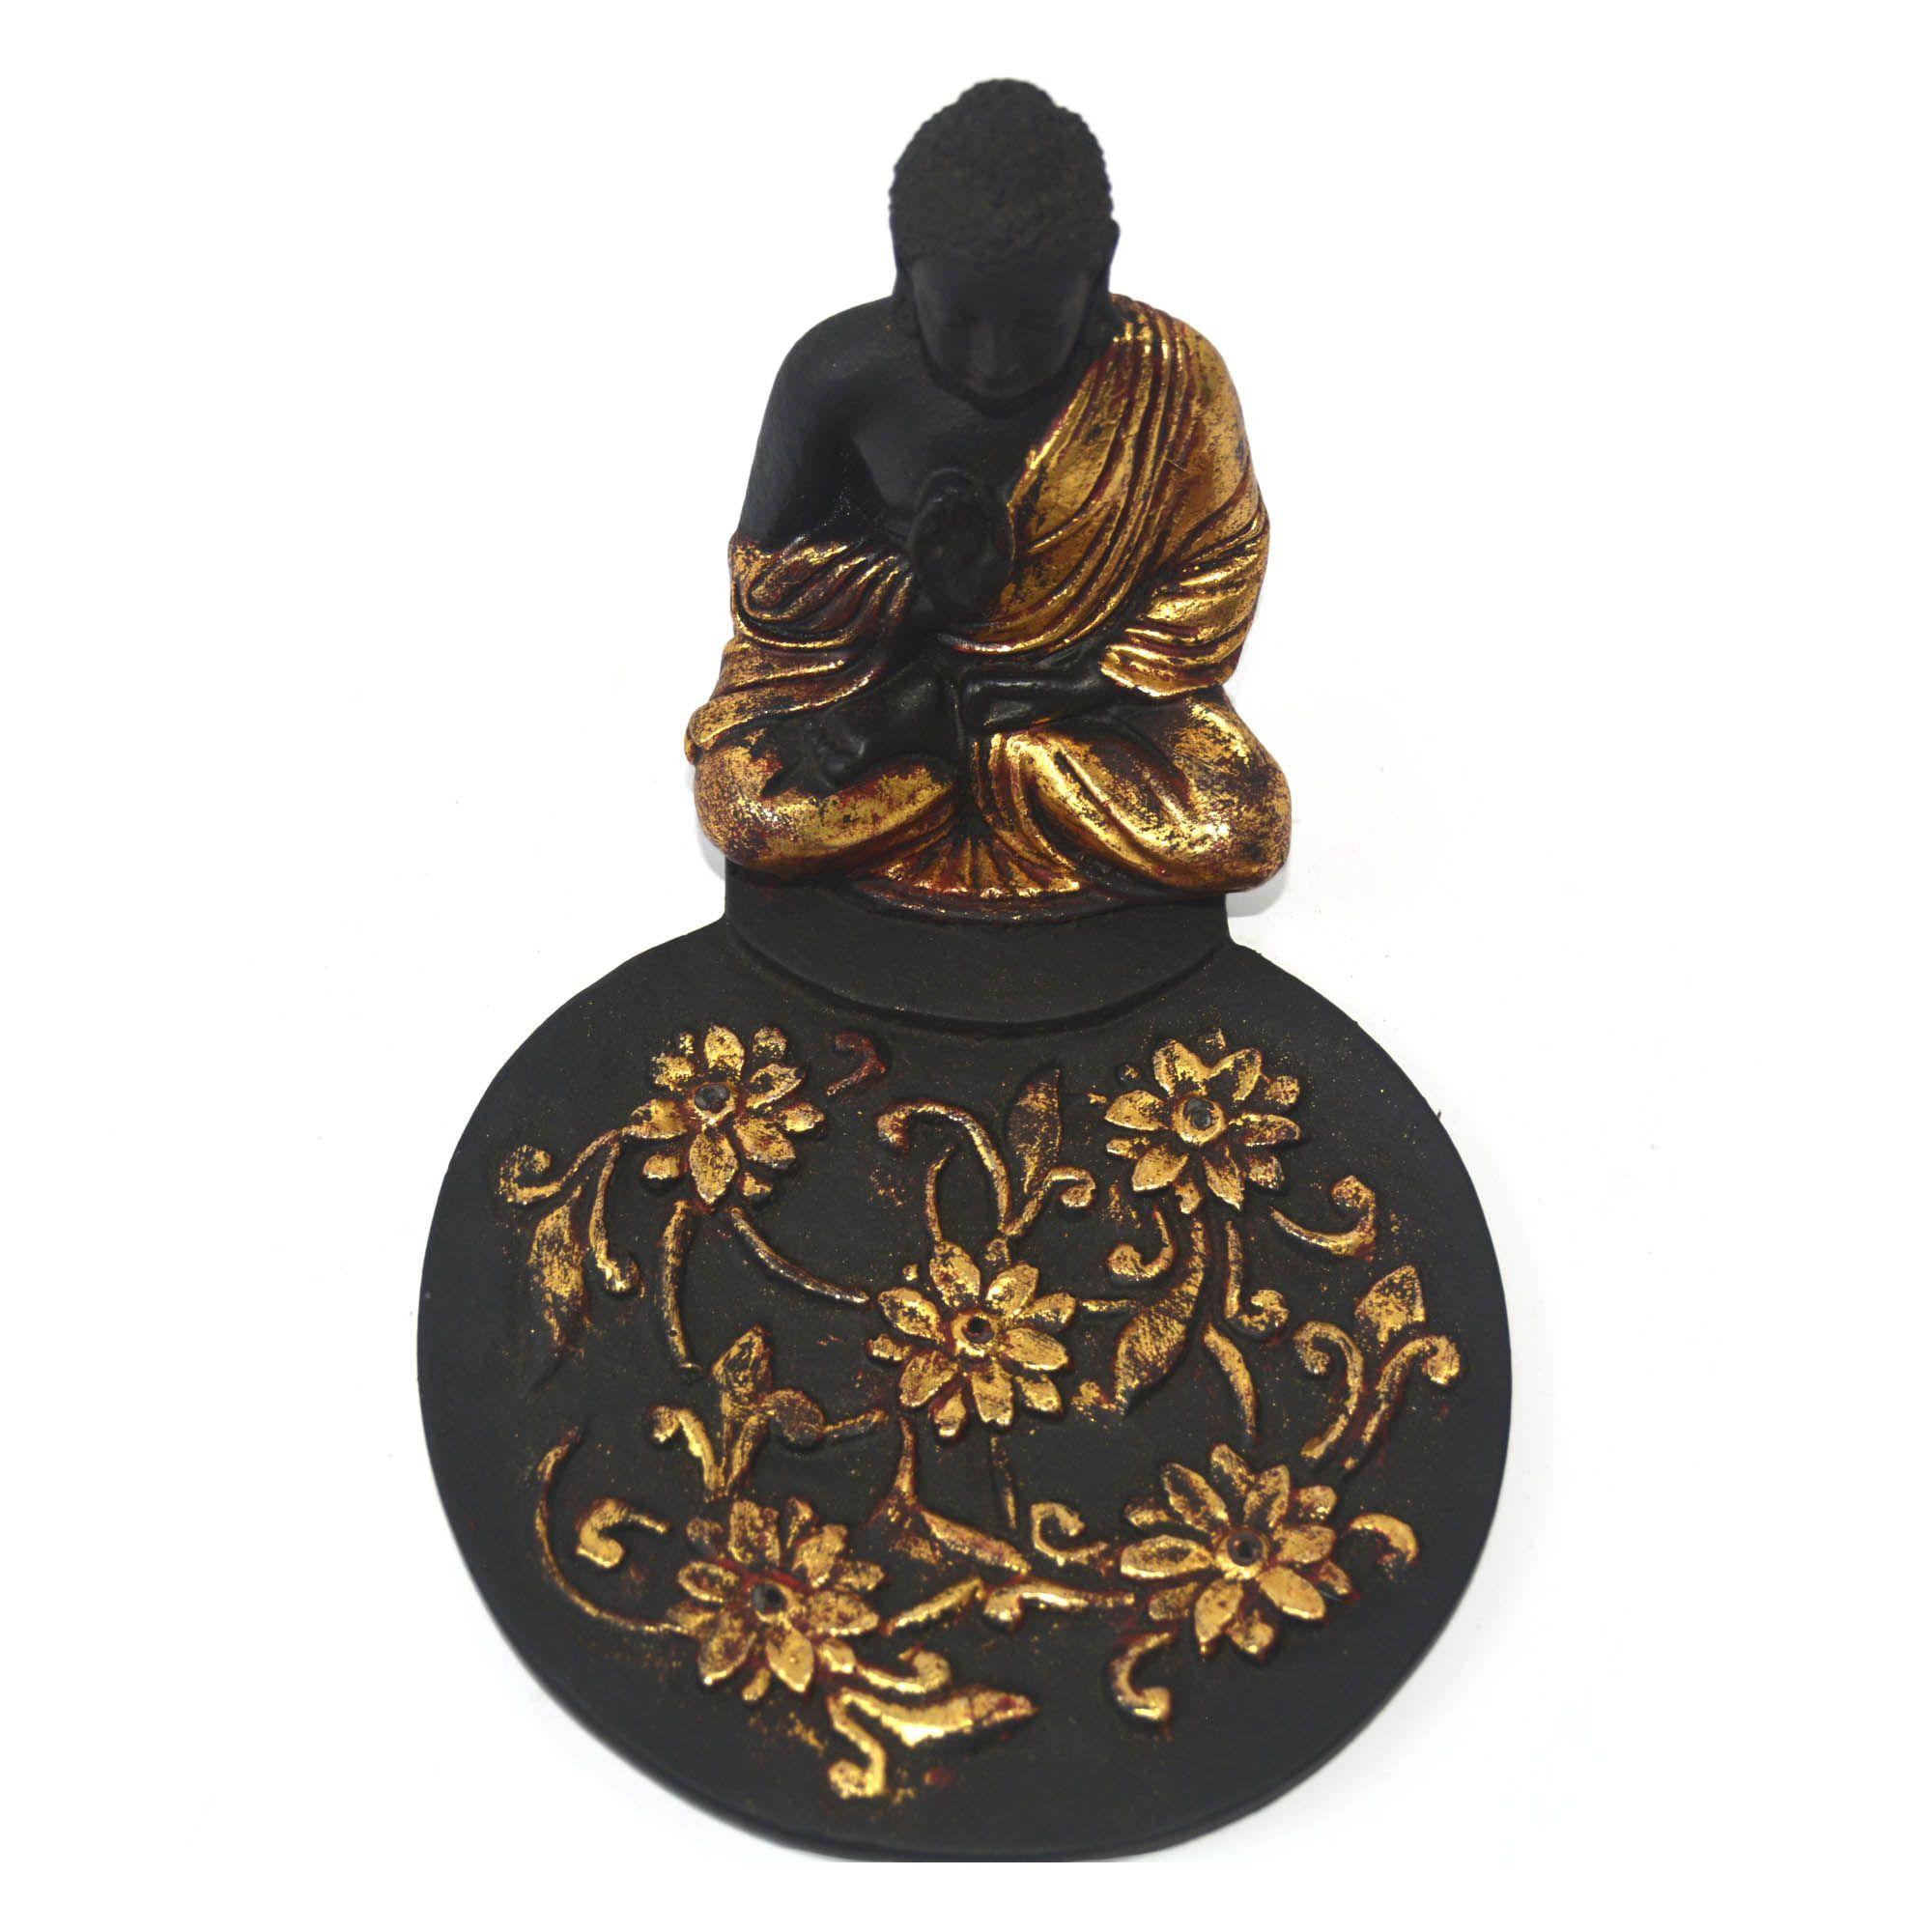 Porta Incensos Buda Sidartha Meditando em Resina Preta com Dourado e Trama Floral